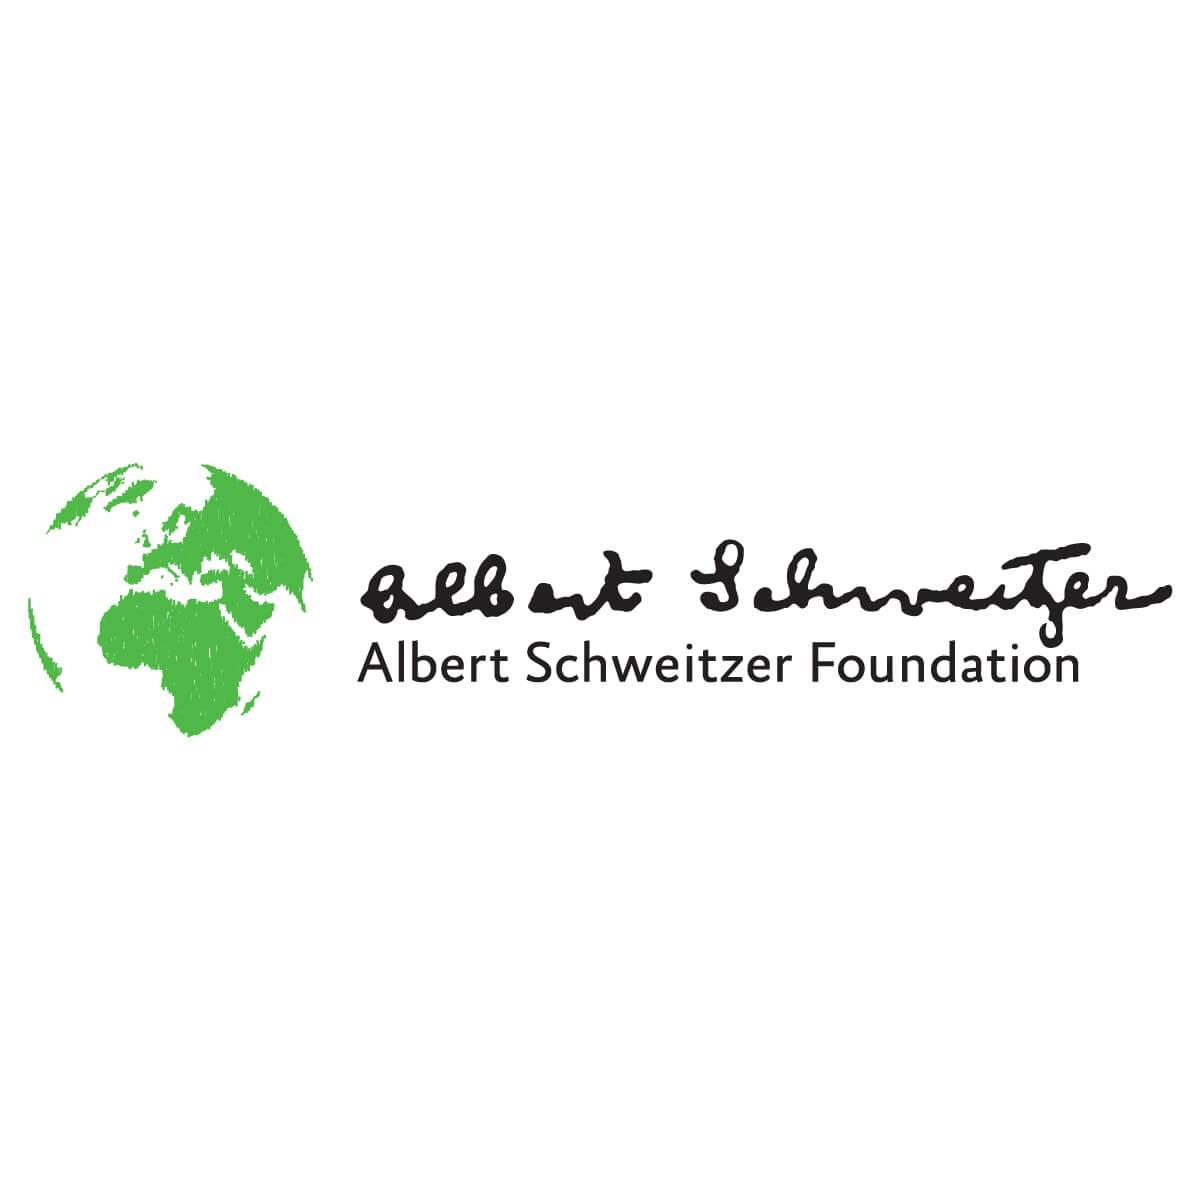 2018-asf-logo%402x.jpg